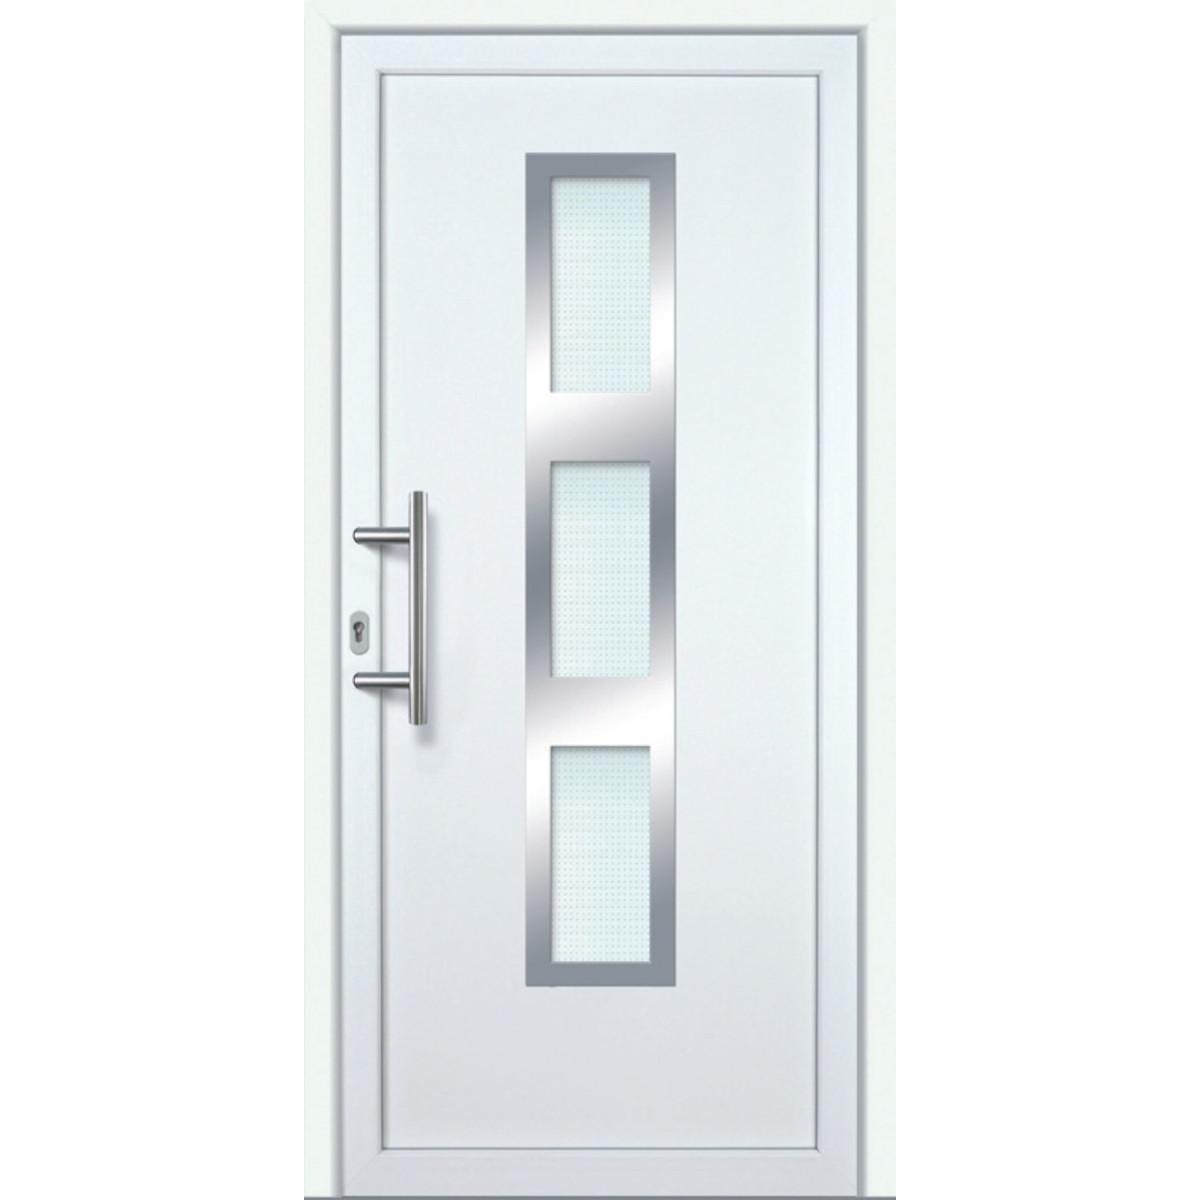 Hervorragend Kunststoff Haustür · Modell K630P · Farbe: weiß · Maßanfertigung TD22